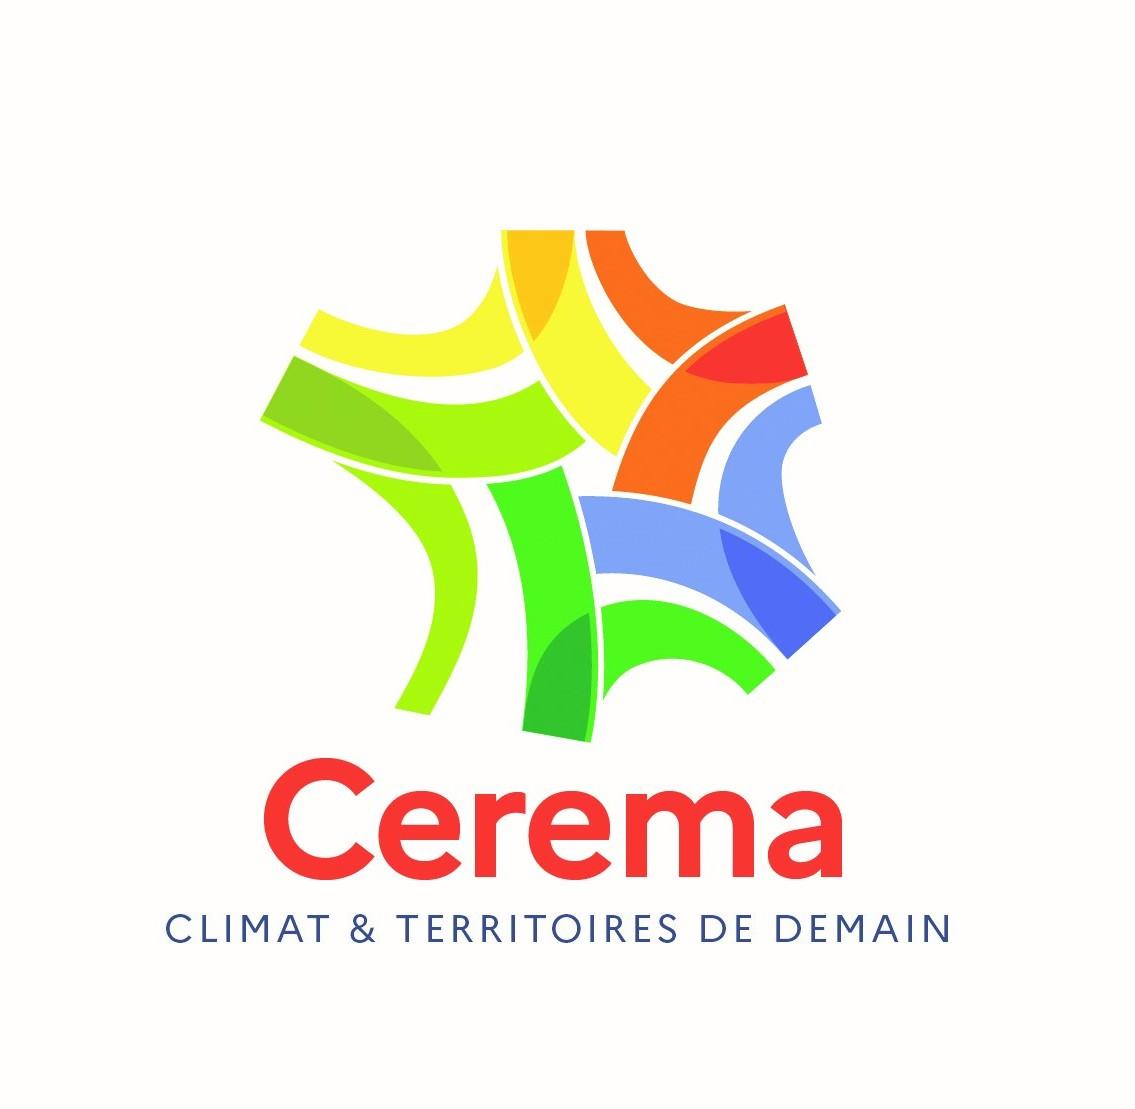 logo porteur du projet